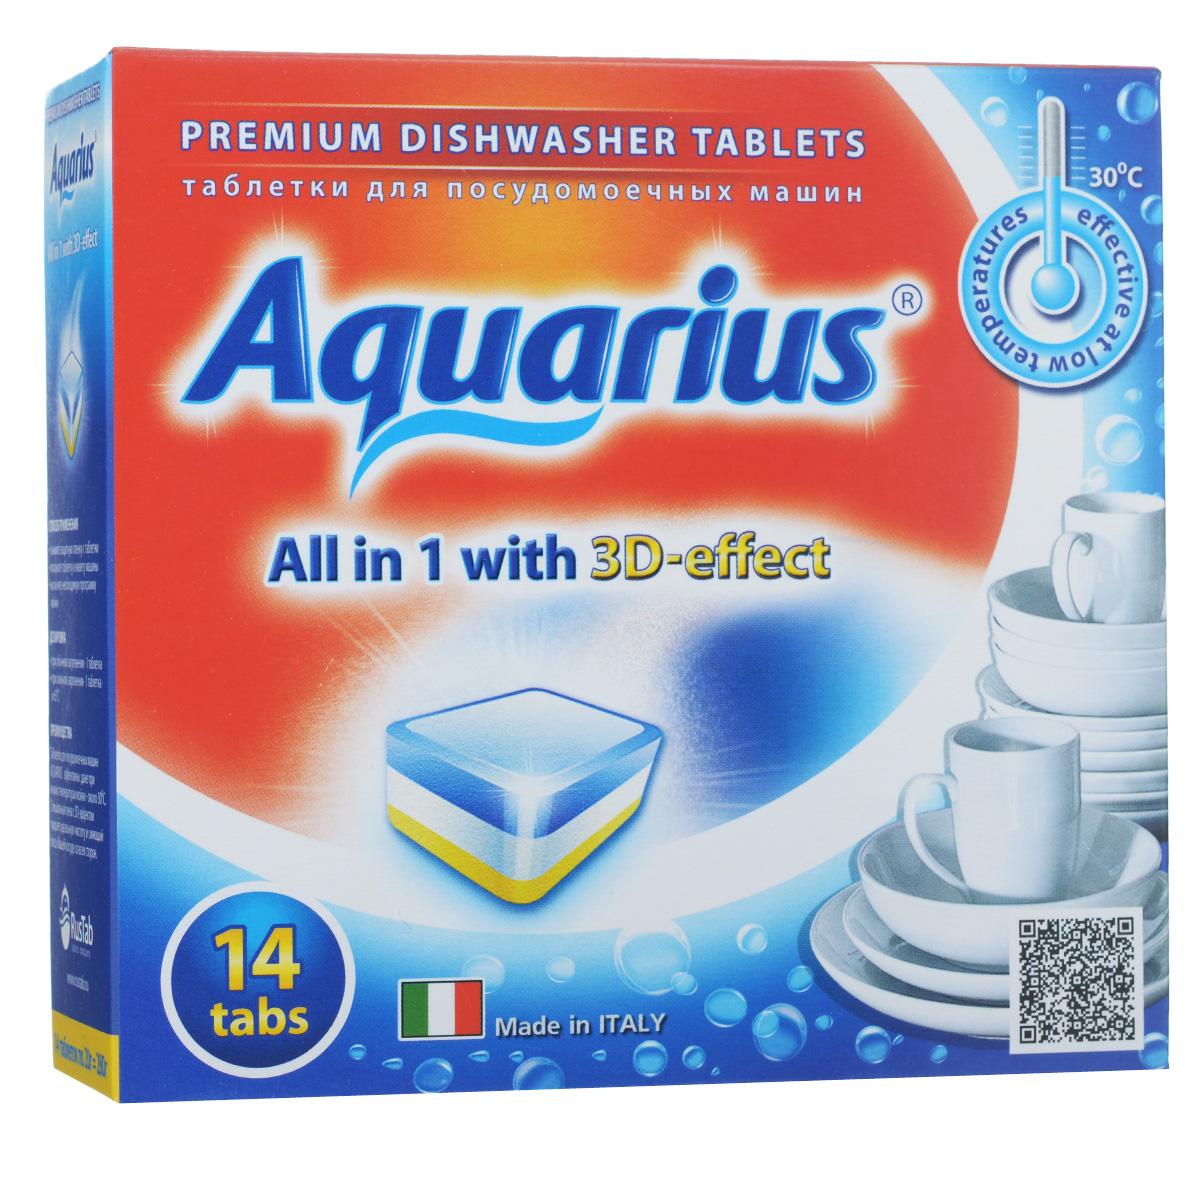 Таблетки для посудомоечных машин Lotta Aquarius, 14 шт таблетки для посудомоечных машин snowter 5 в 1 16 шт x 20 г